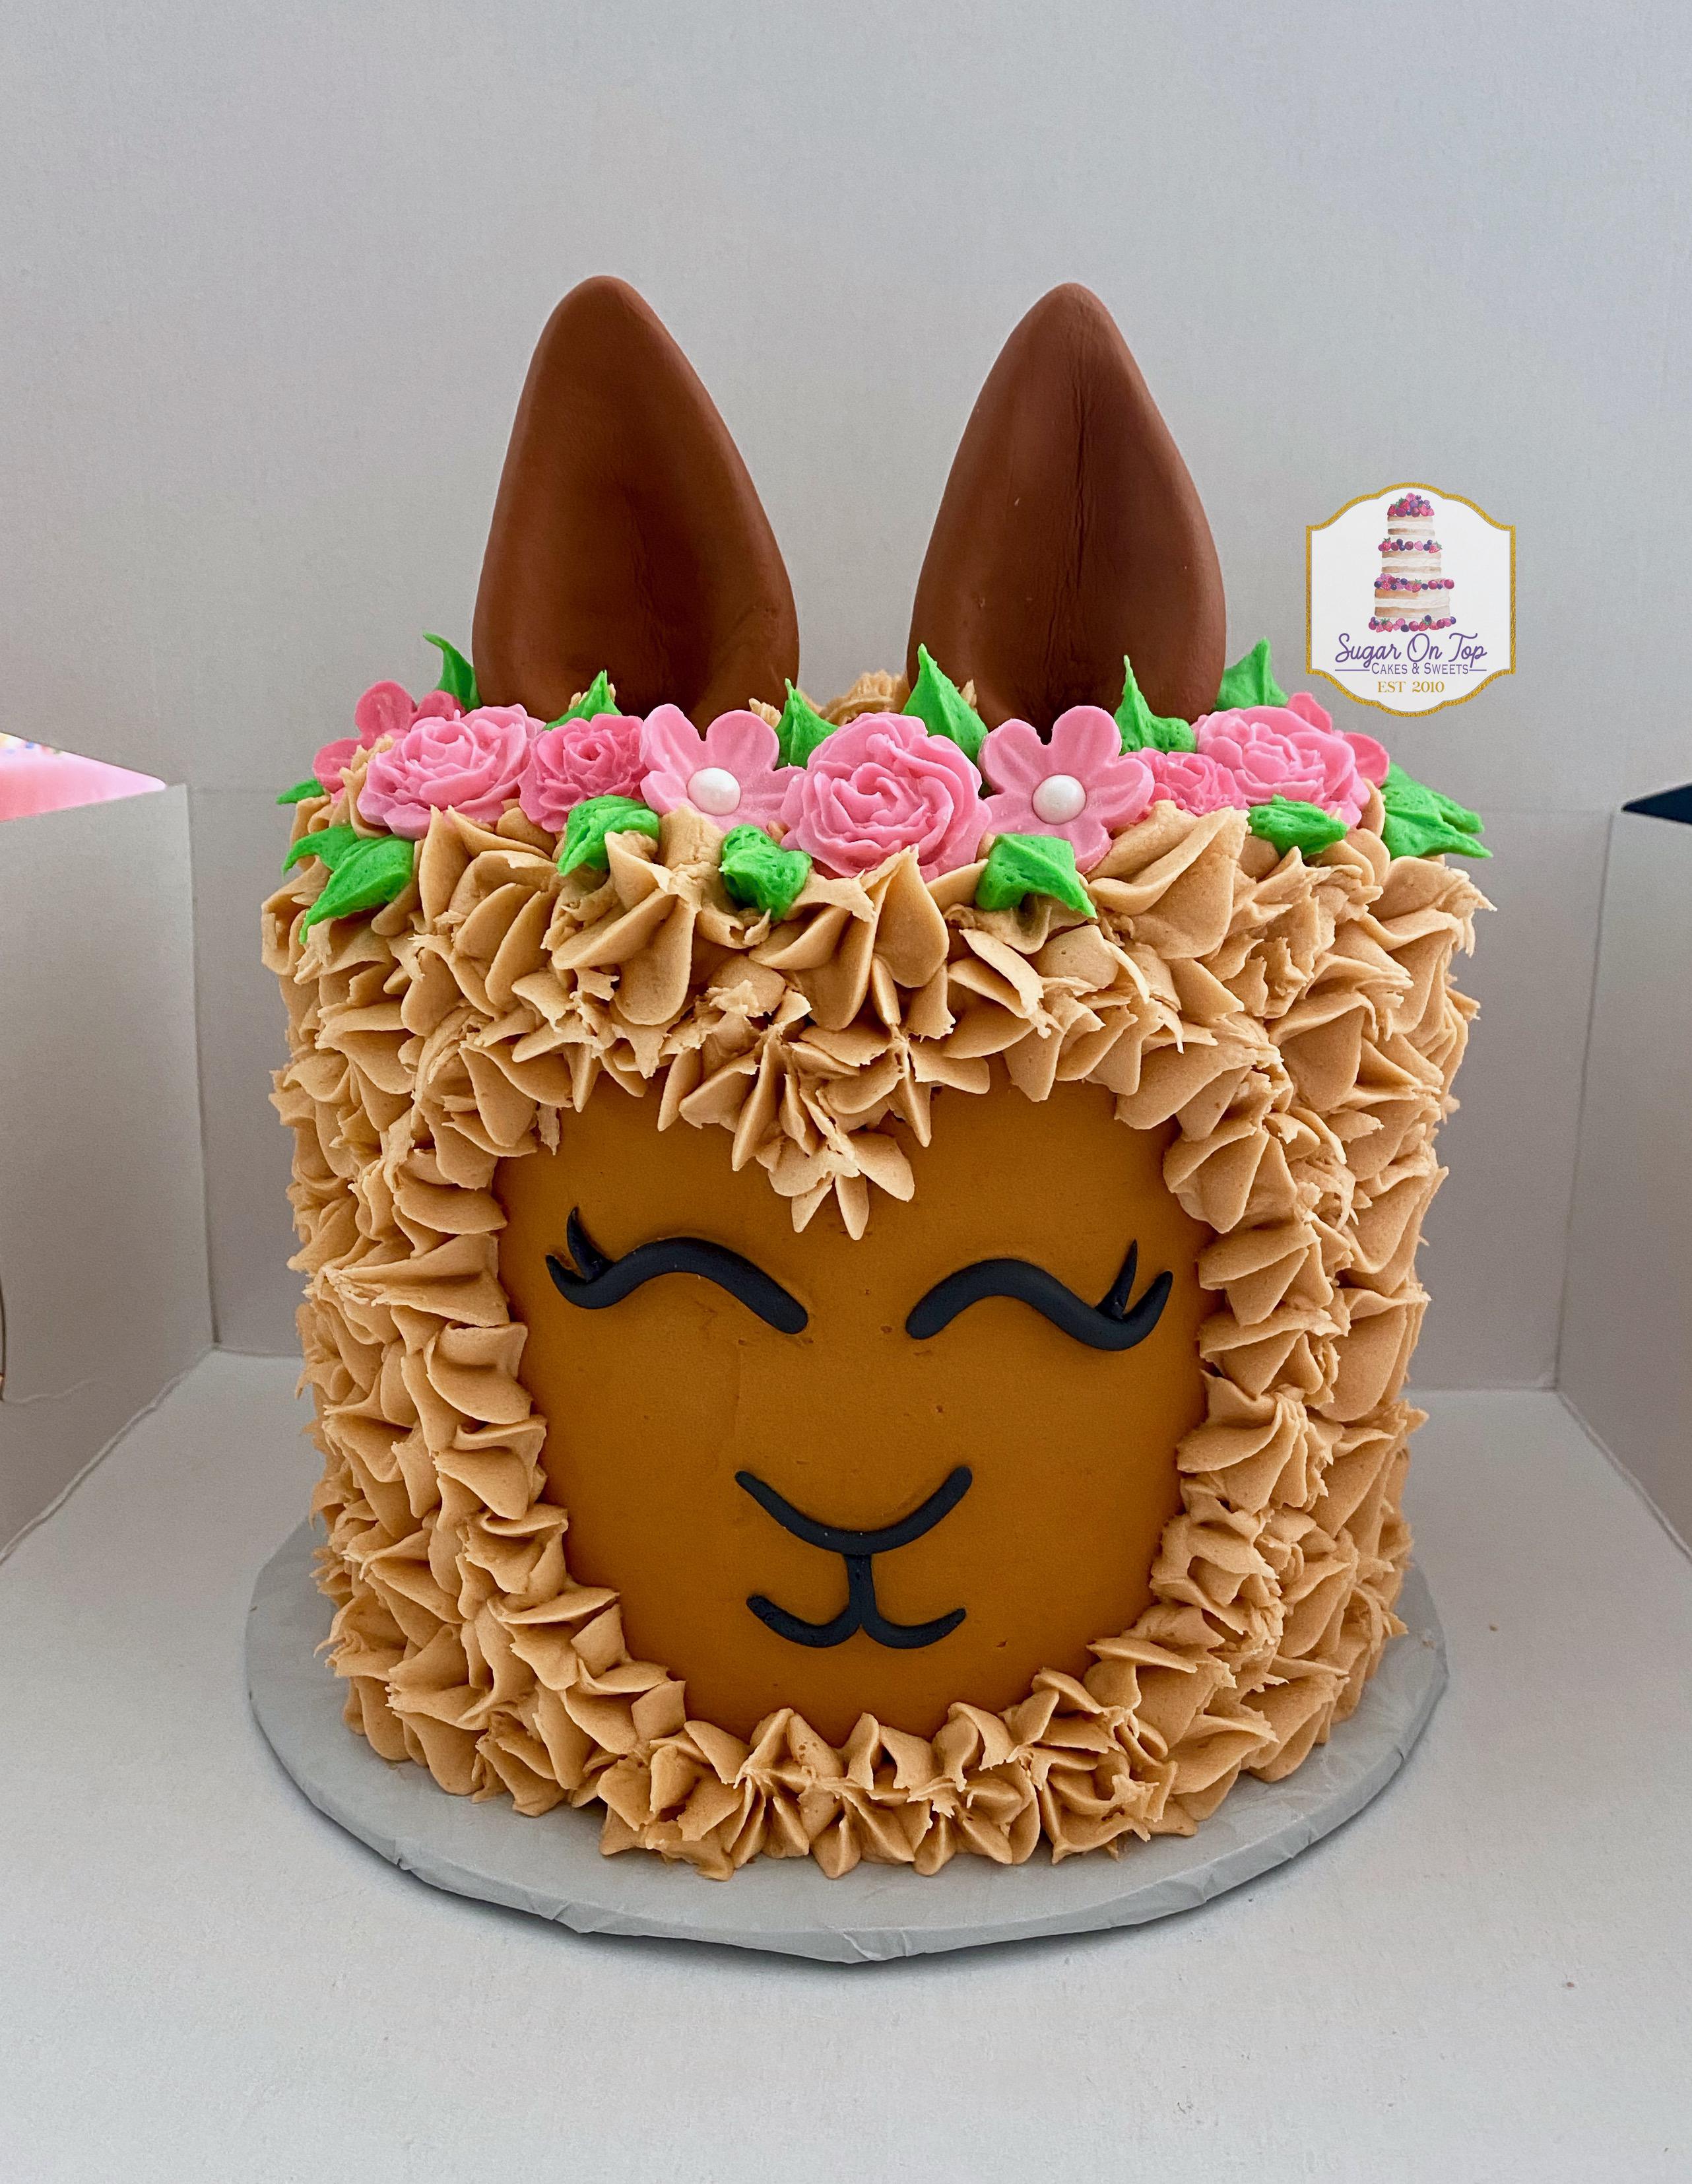 llama cake2